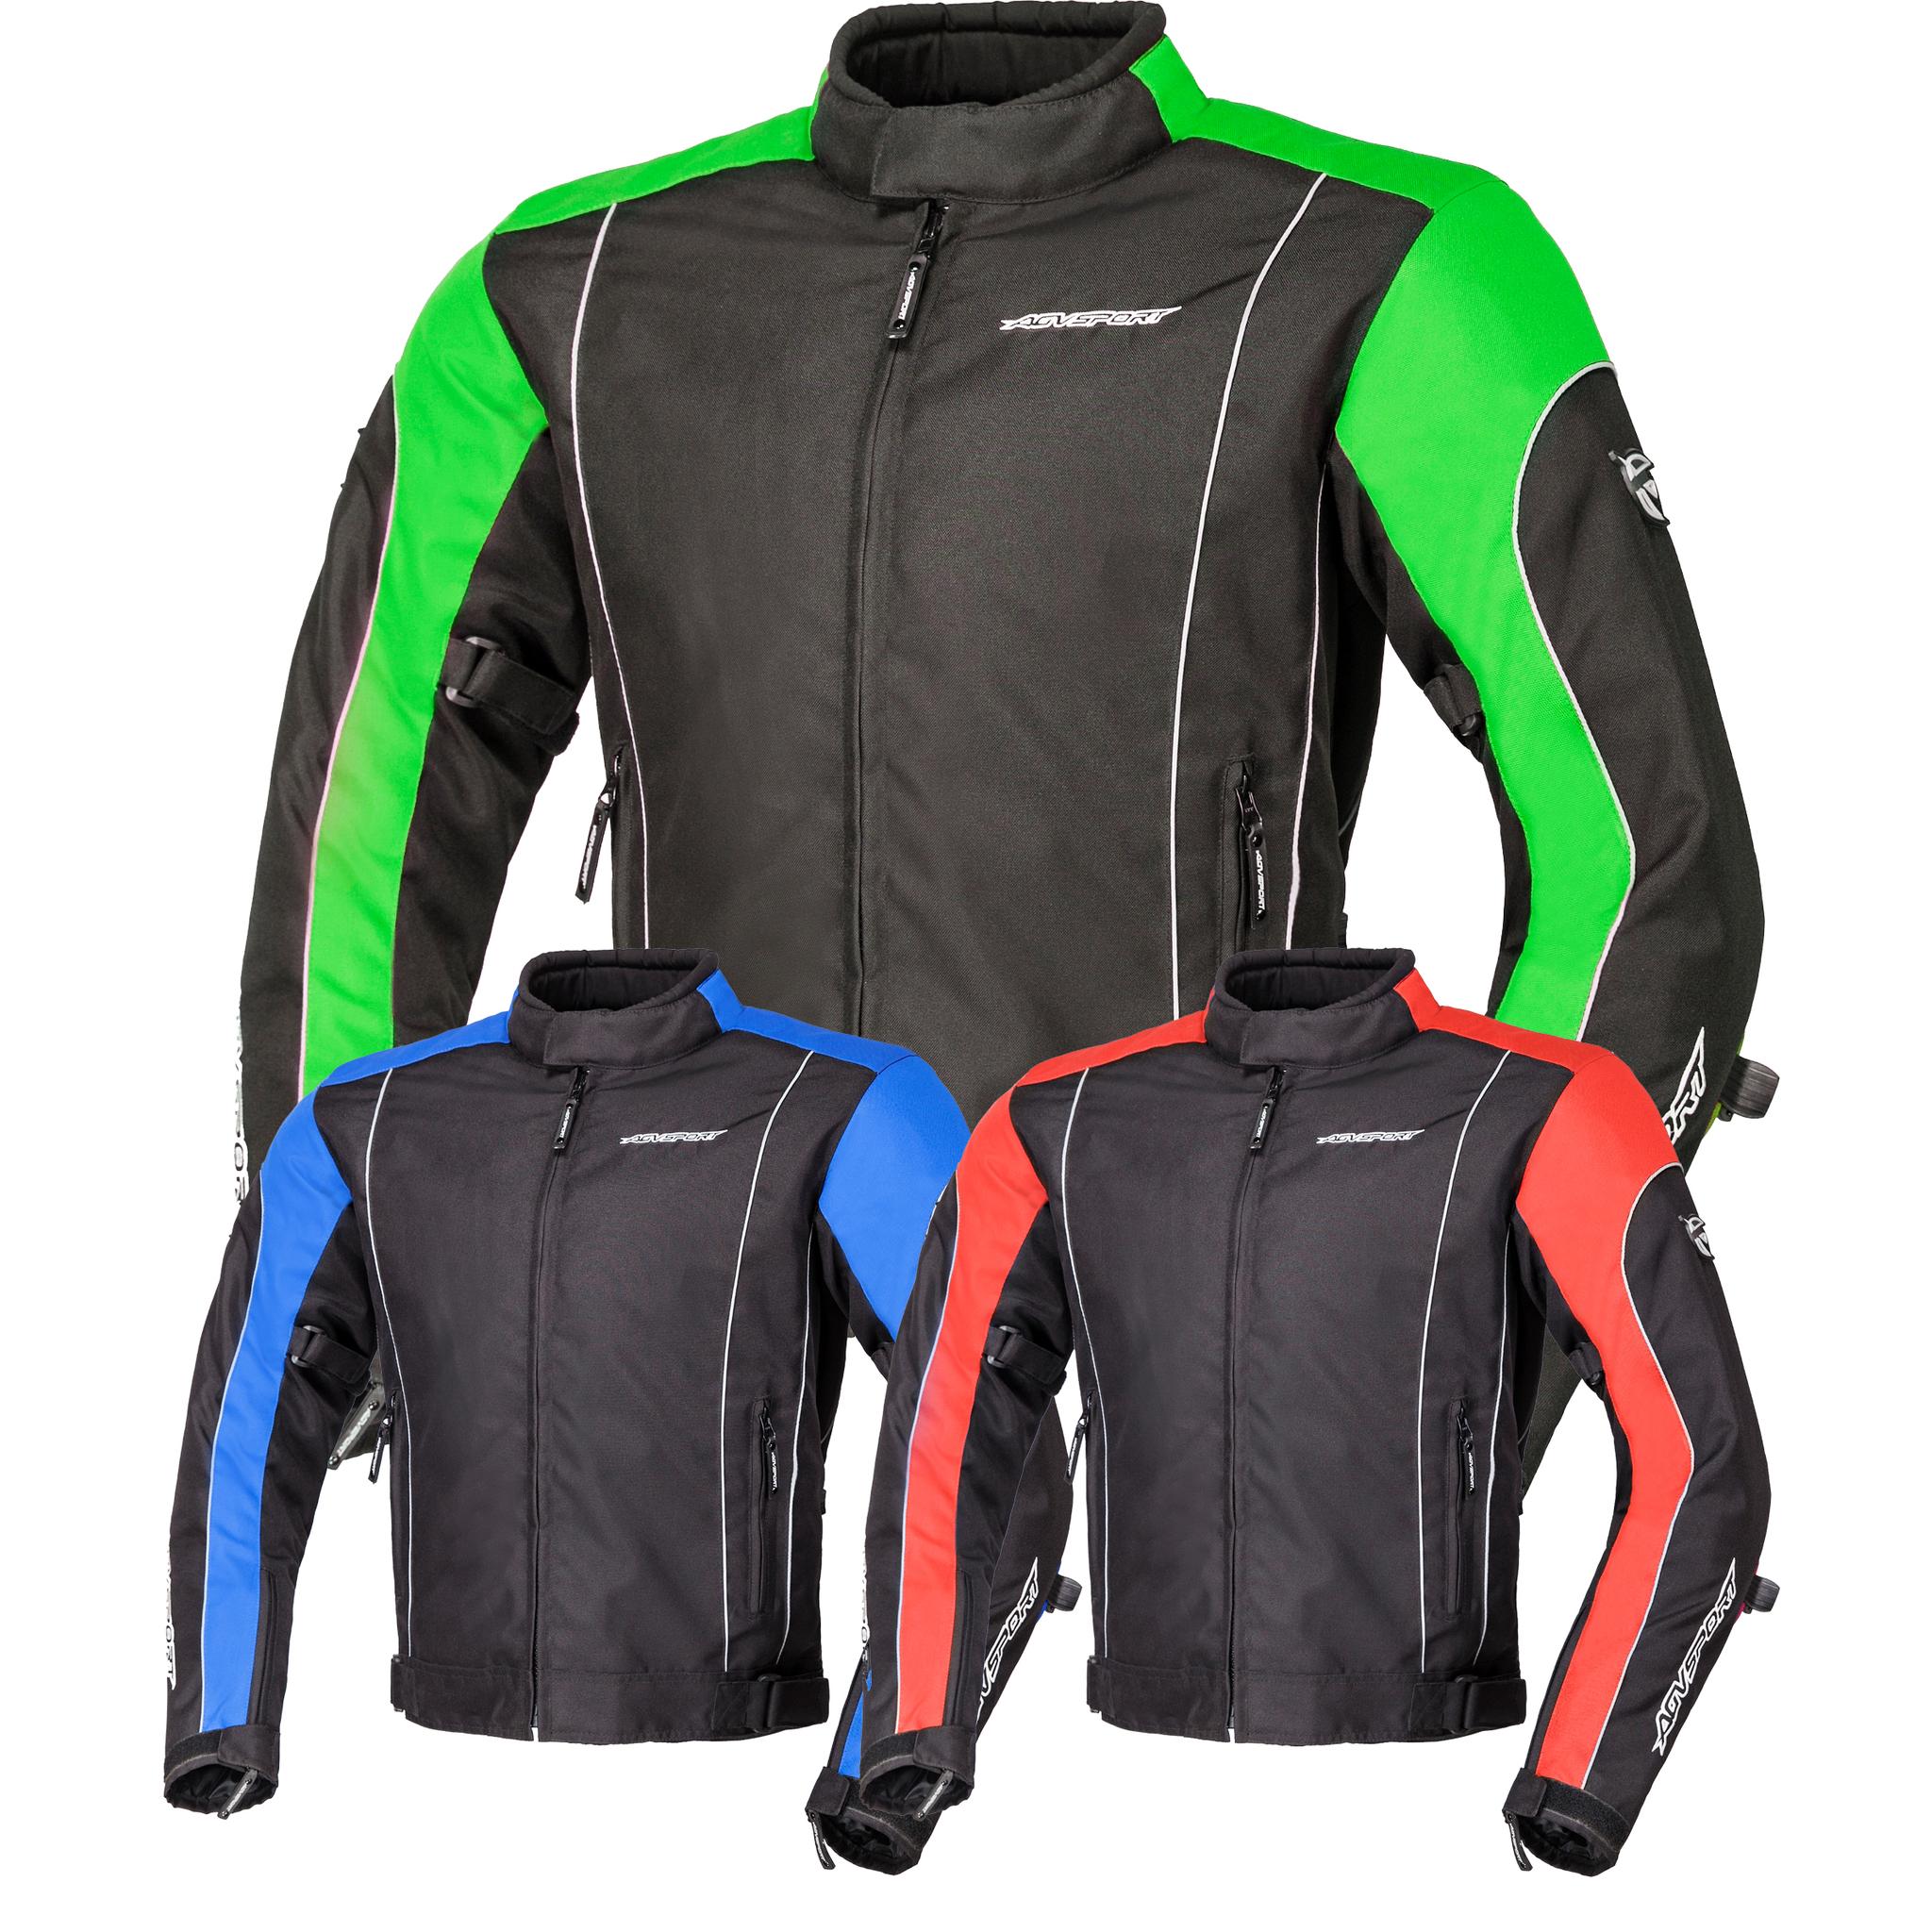 Куртка текстильная  AGVSPORT Apex, мужской(ие)